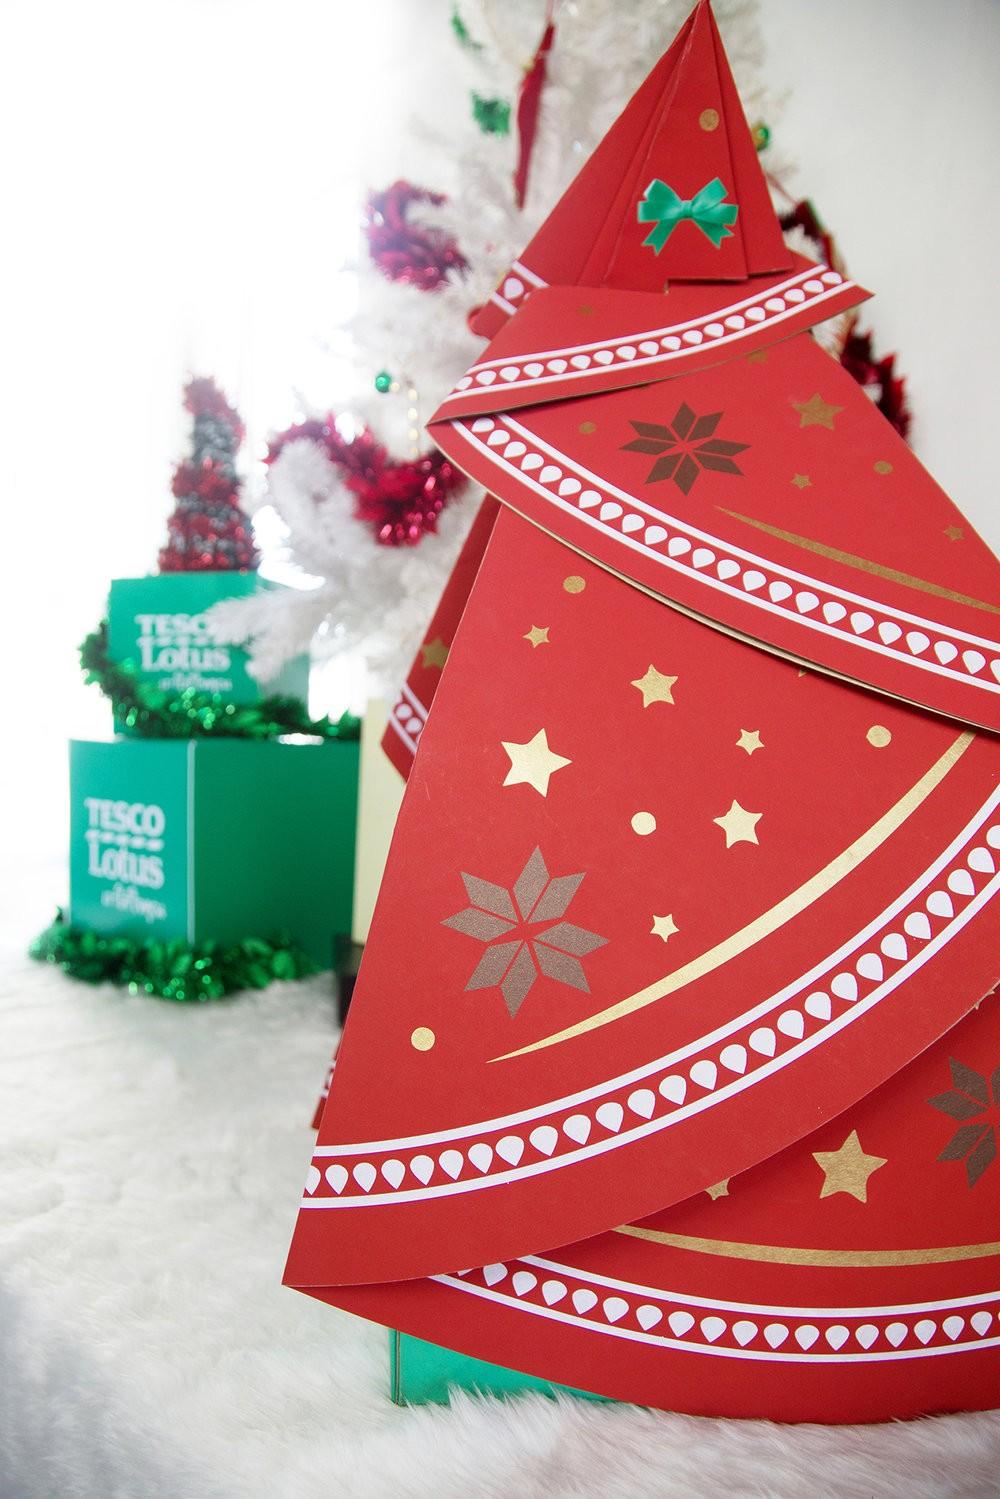 Tesco-Christmas-tree-Packaging05.jpg